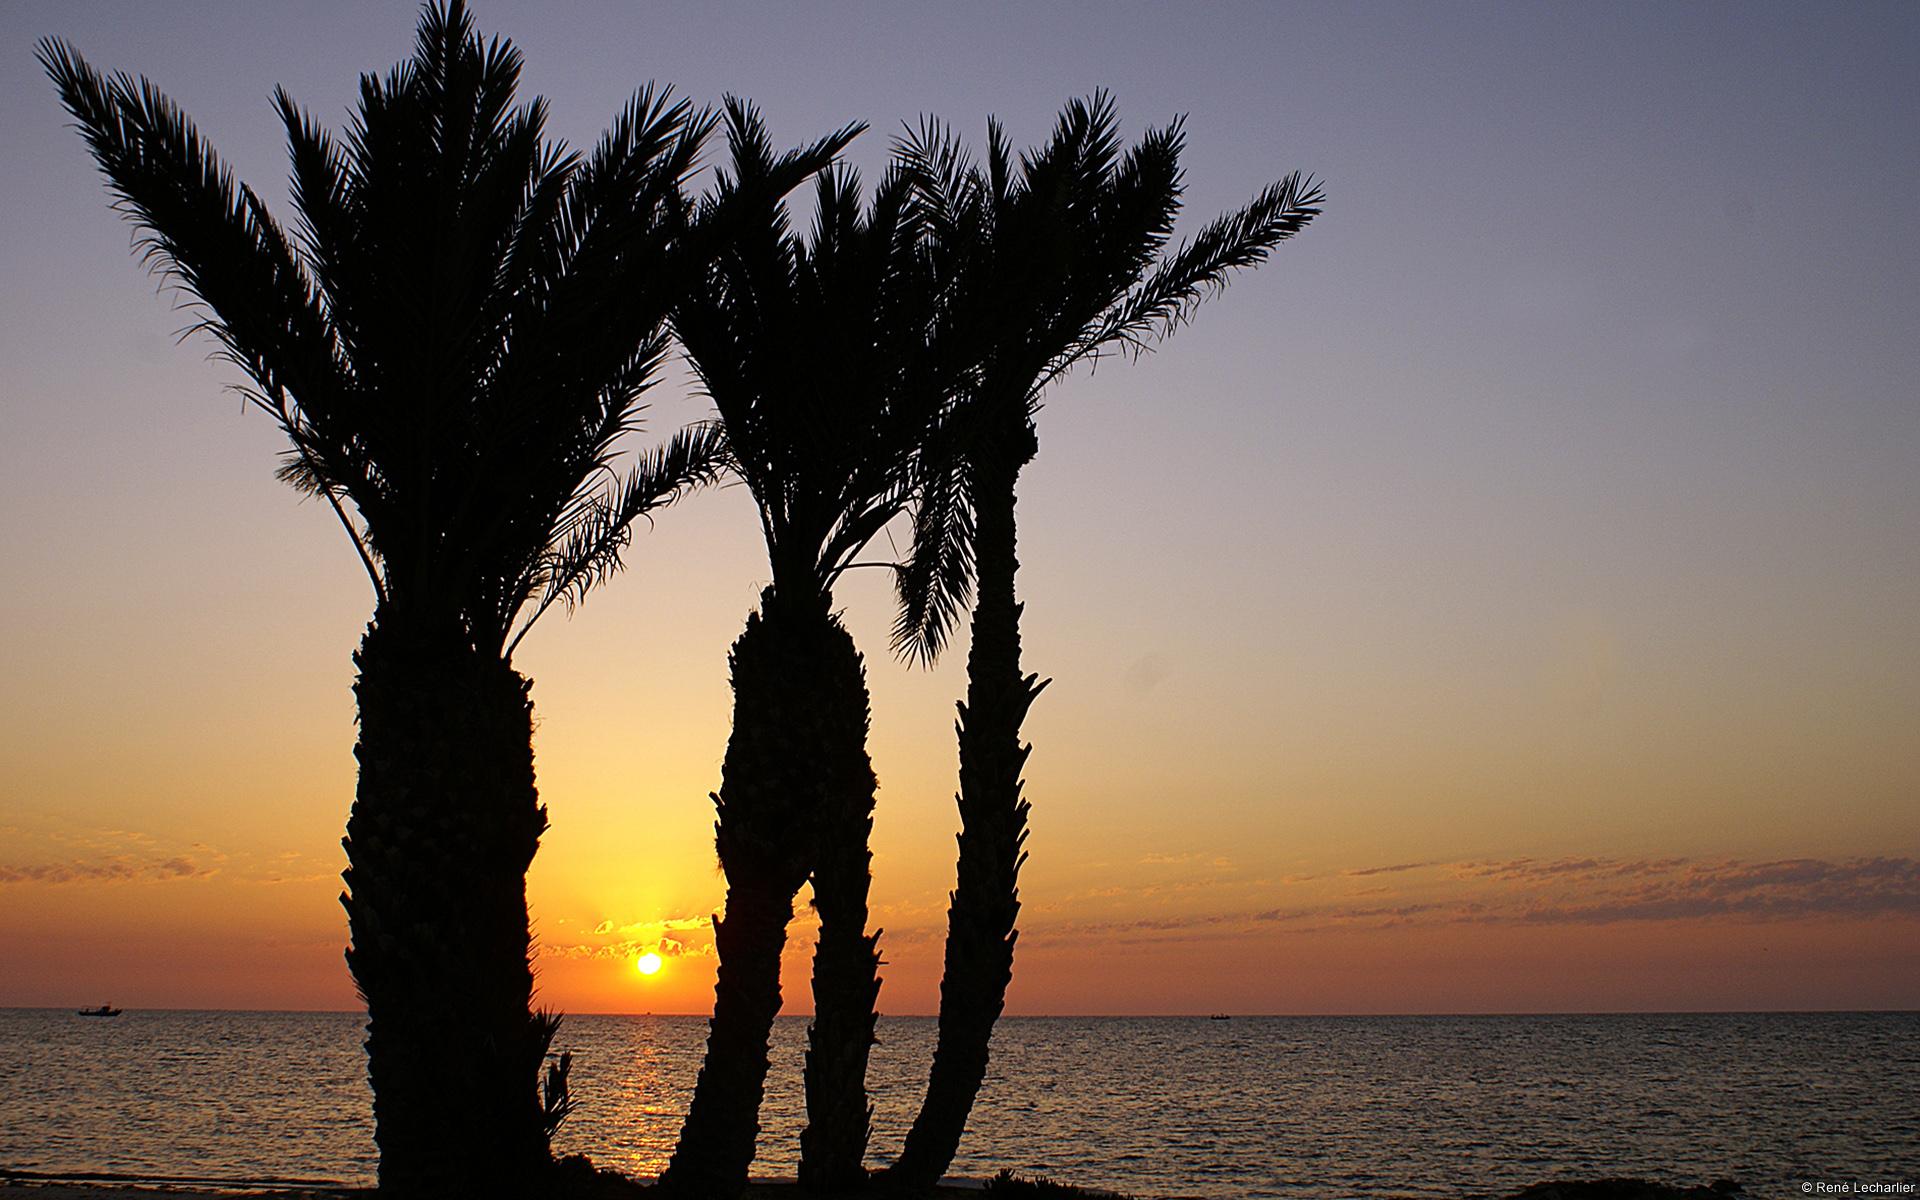 Hoàng hôn và những cây dừa tạo nên khung cảnh nên thơ